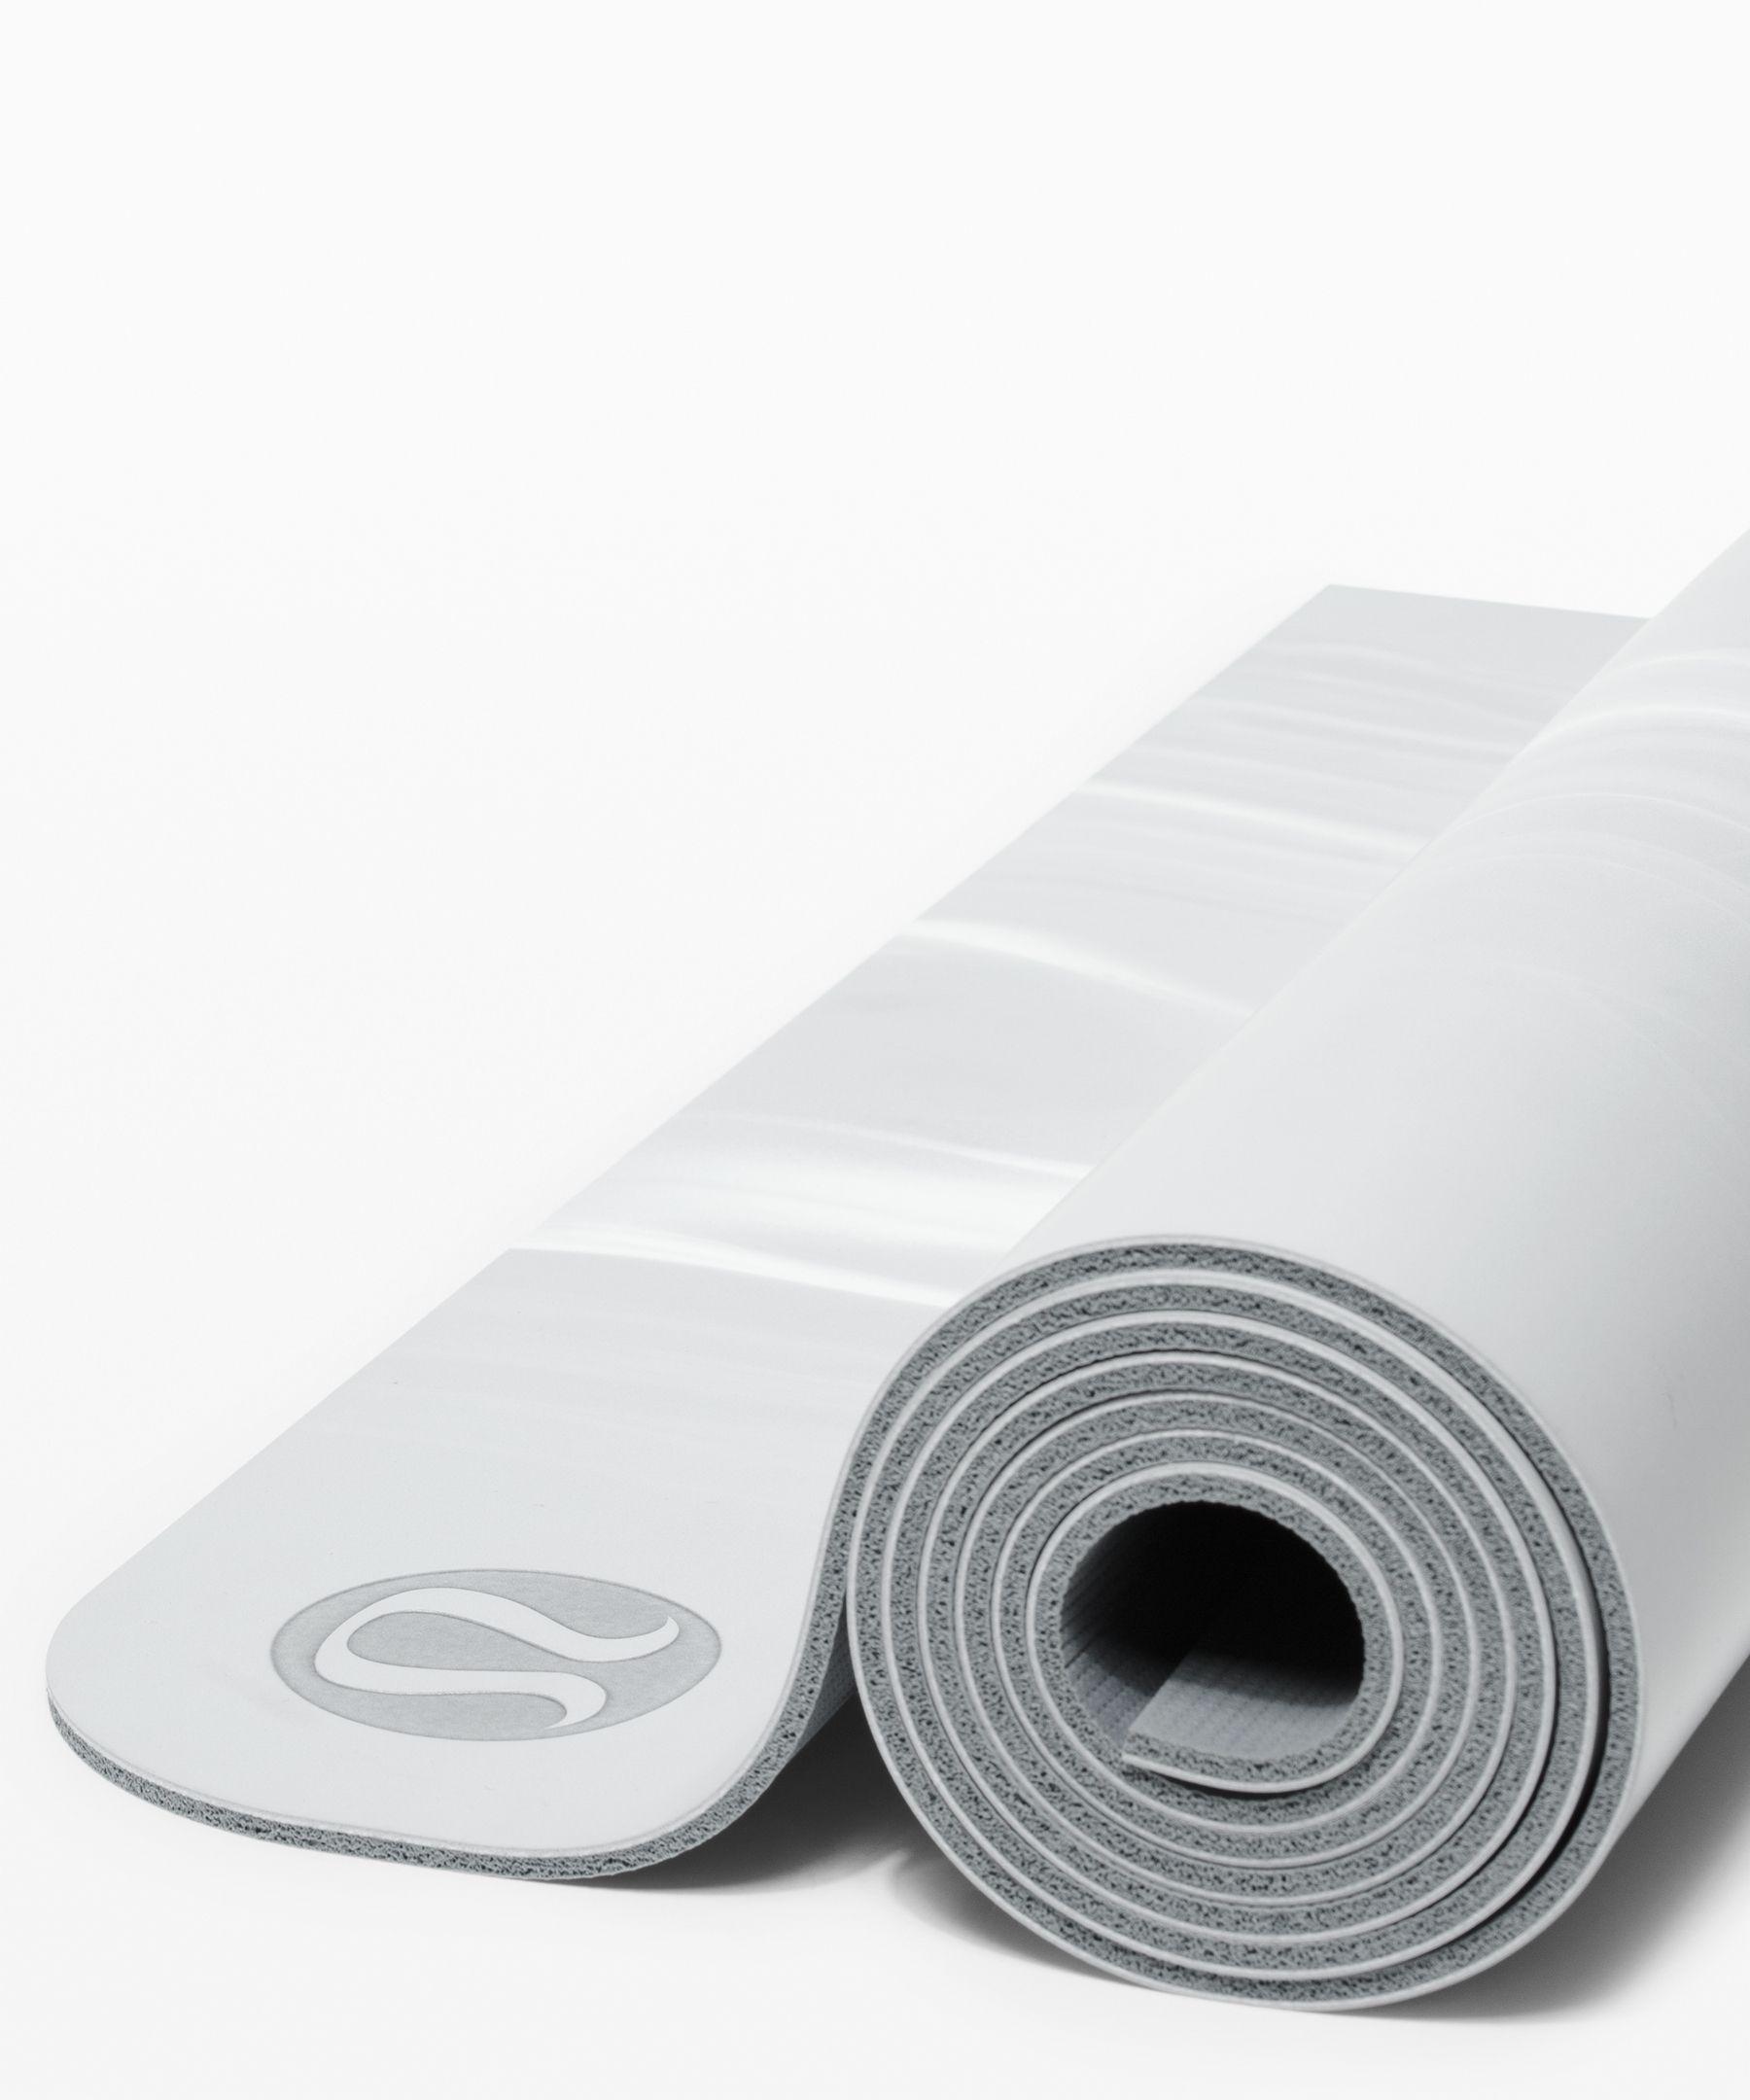 The Reversible Mat 5mm Women S Yoga Mats Lululemon In 2020 Lululemon Yoga Mat Yoga Women Yoga Mat